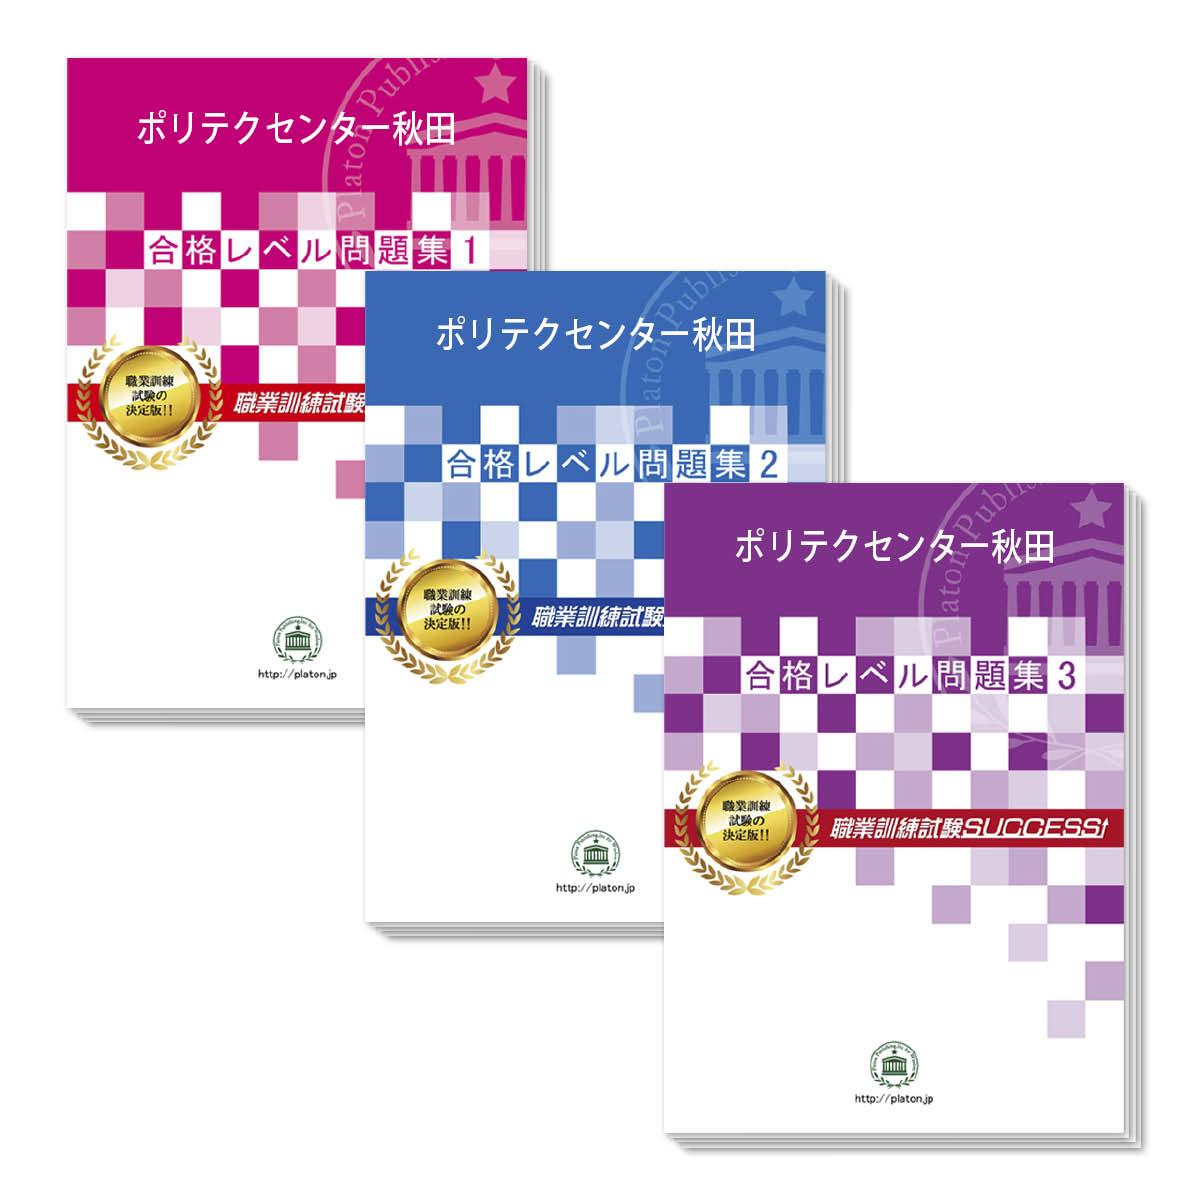 送料 代引手数料無料 ポリテクセンター秋田 新着セール 3冊 日本最大級の品揃え 受験合格セット問題集